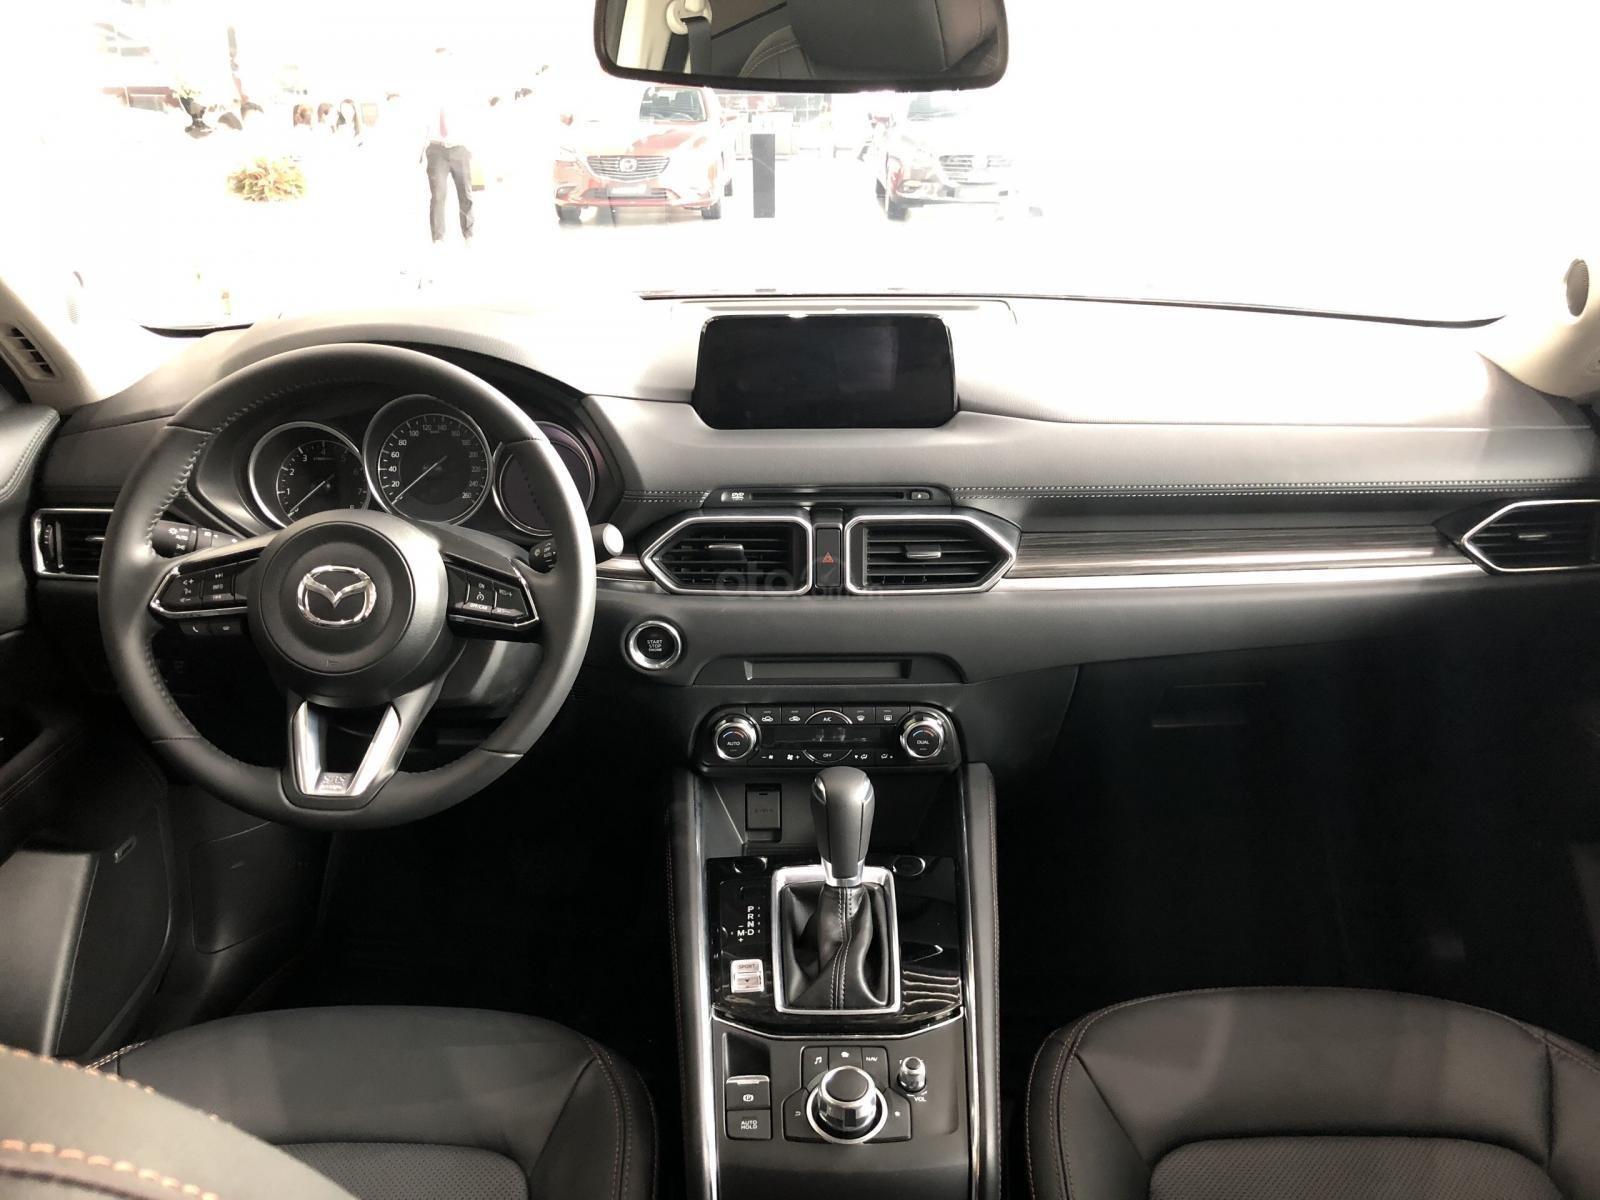 Bán Mazda CX5 giá từ 849tr xe giao trước tết, đủ màu, phiên bản, liên hệ ngay với chúng tôi để nhận được ưu đãi tốt nhất-4